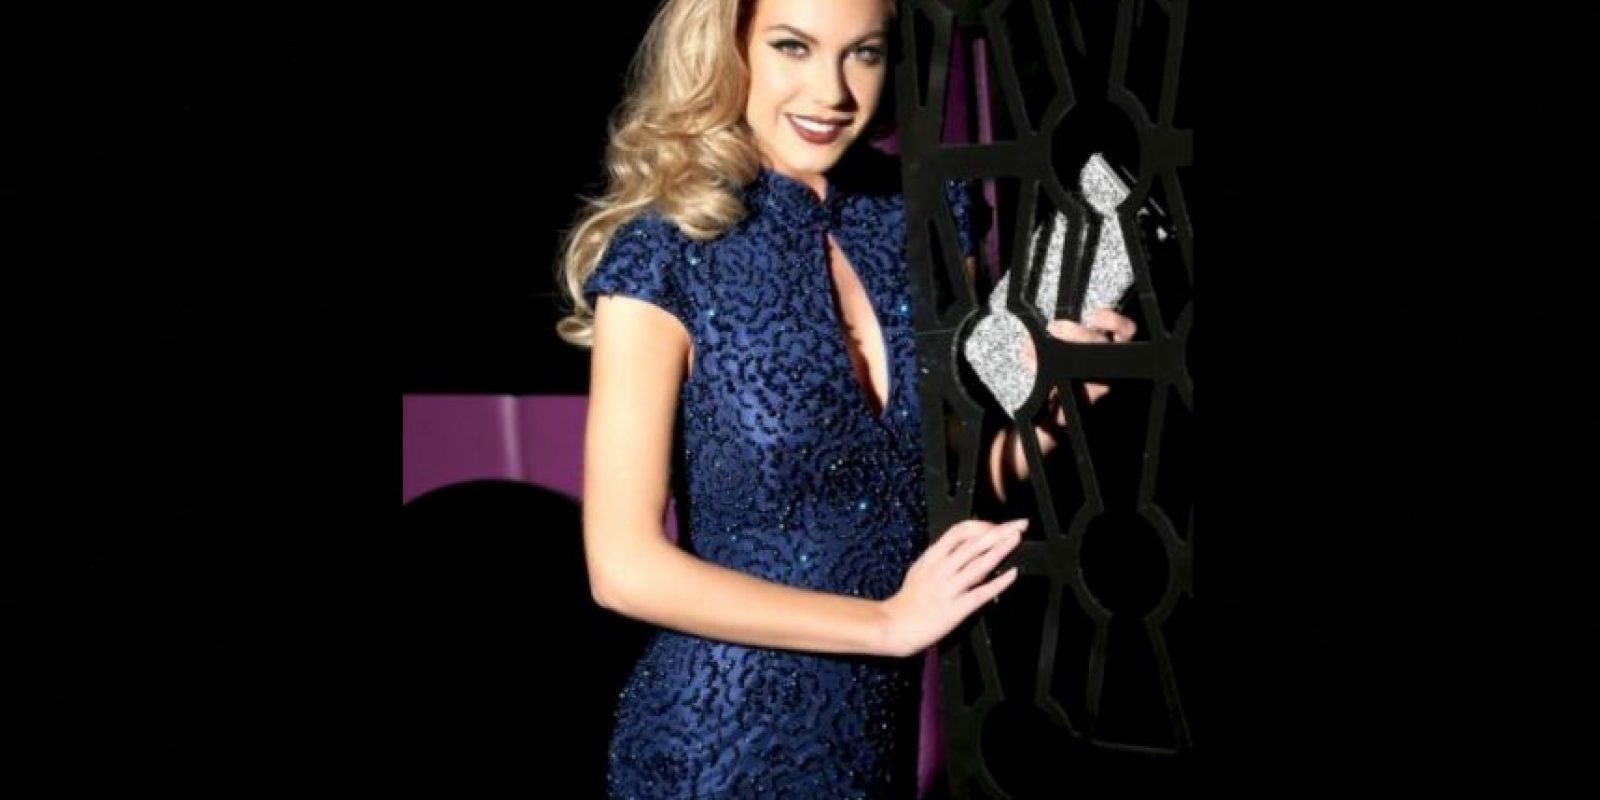 Jessie Jazz Vuijk es Miss Países Bajos Foto:Facebook.com/MissUniverse